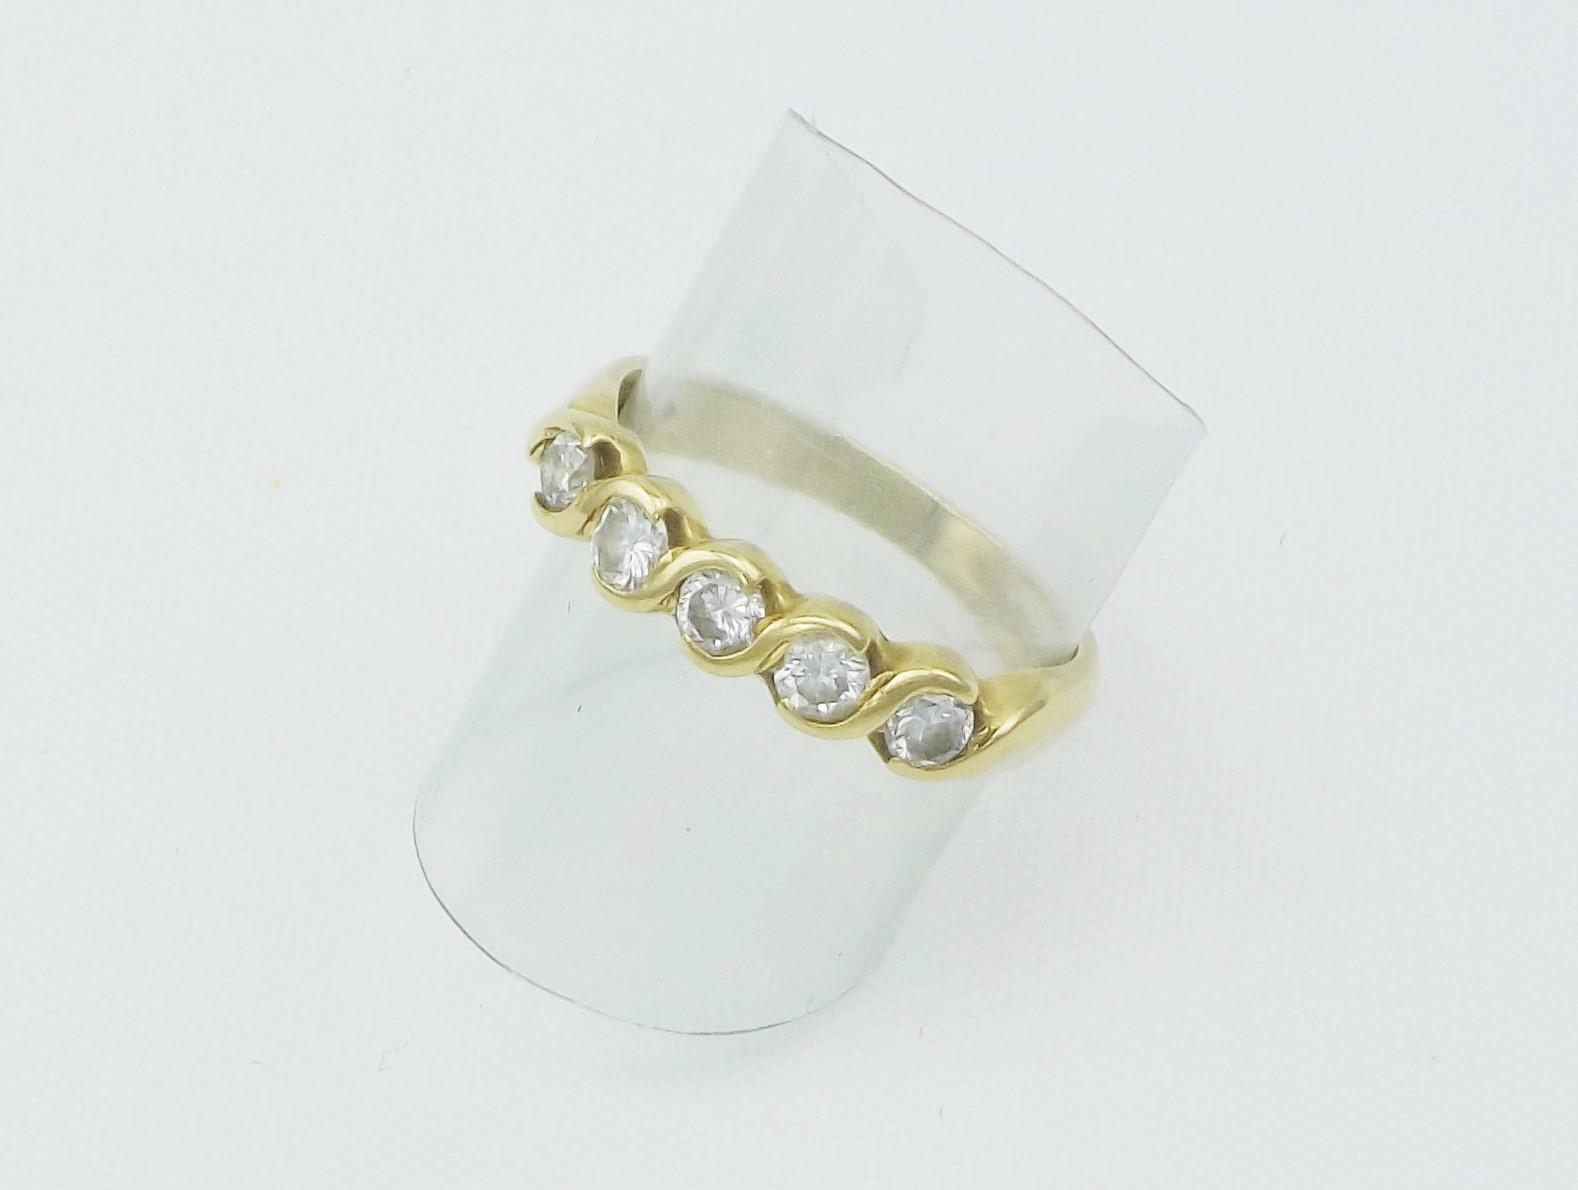 Diamantring 0.25ct VVS River Brugt brillant guldring 18 karat billigt til salg